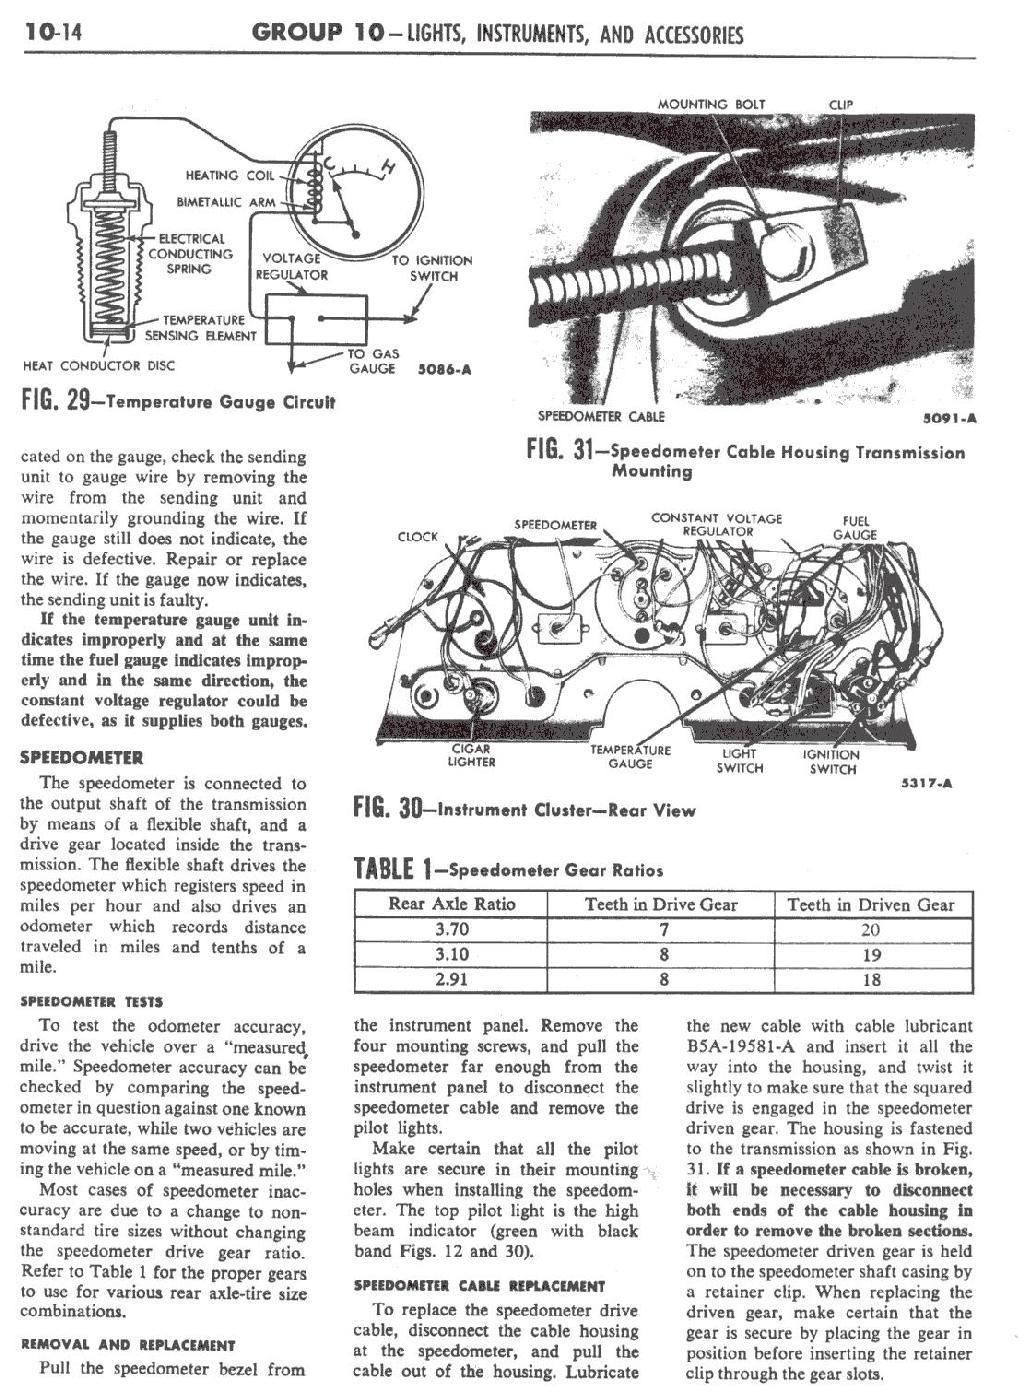 Testing Ford Constant Voltage Regulator